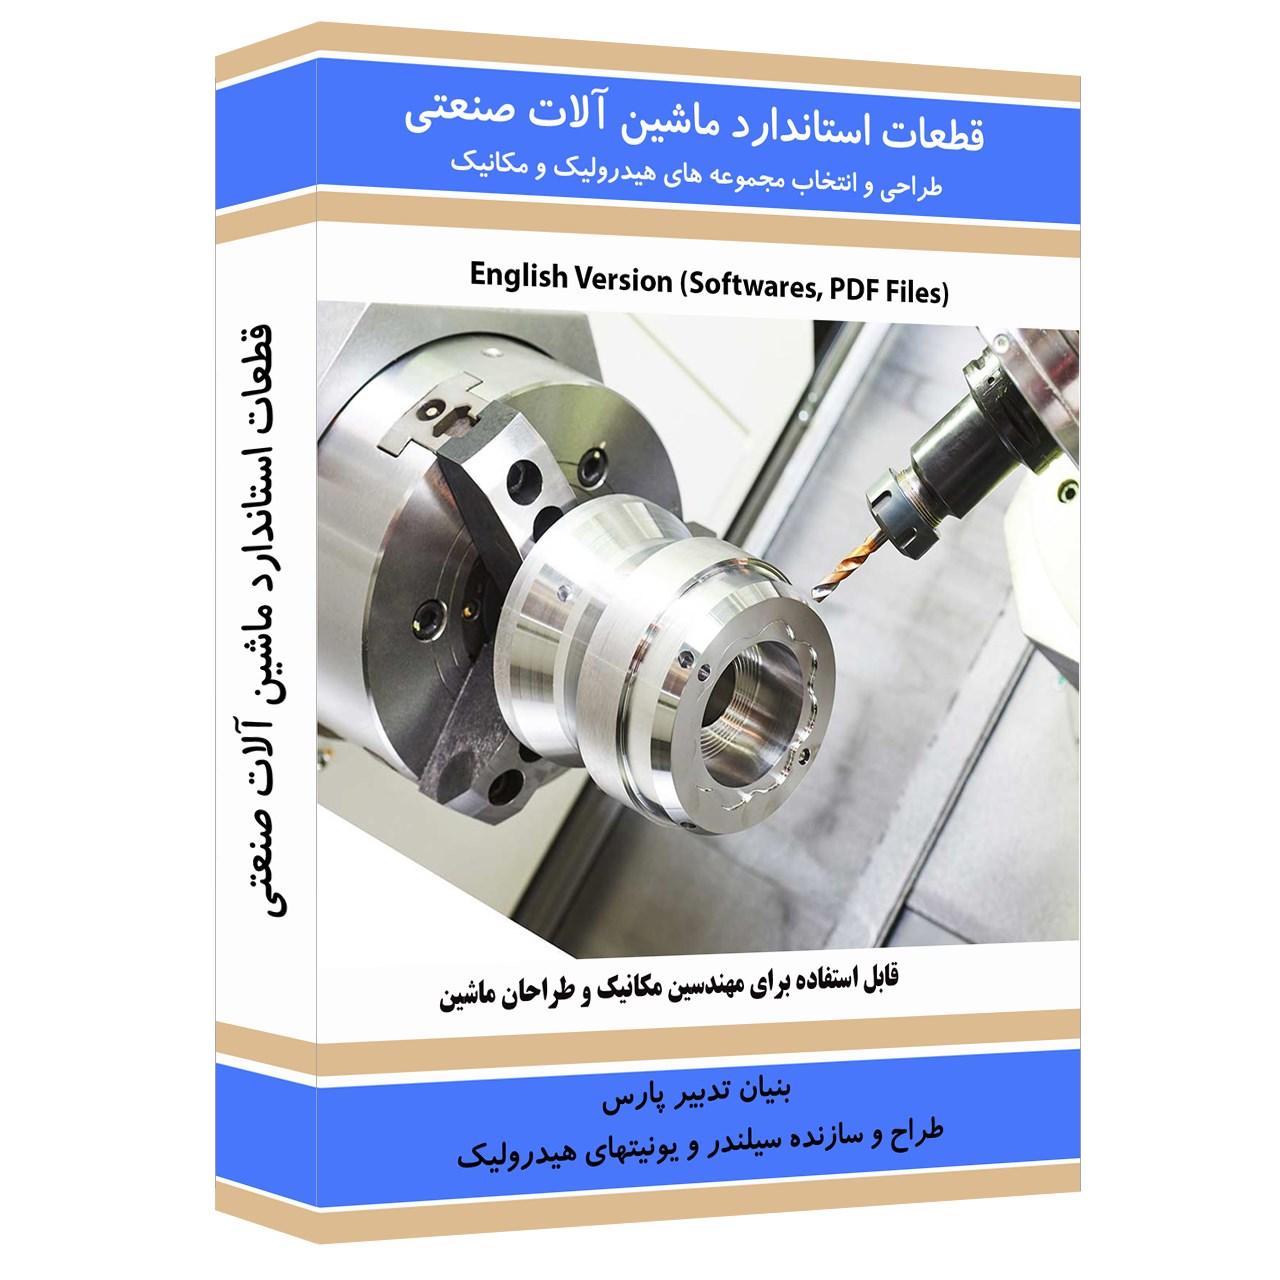 نرم افزار آموزش قطعات استاندارد ماشین آلات صنعتی نشر نوآوران